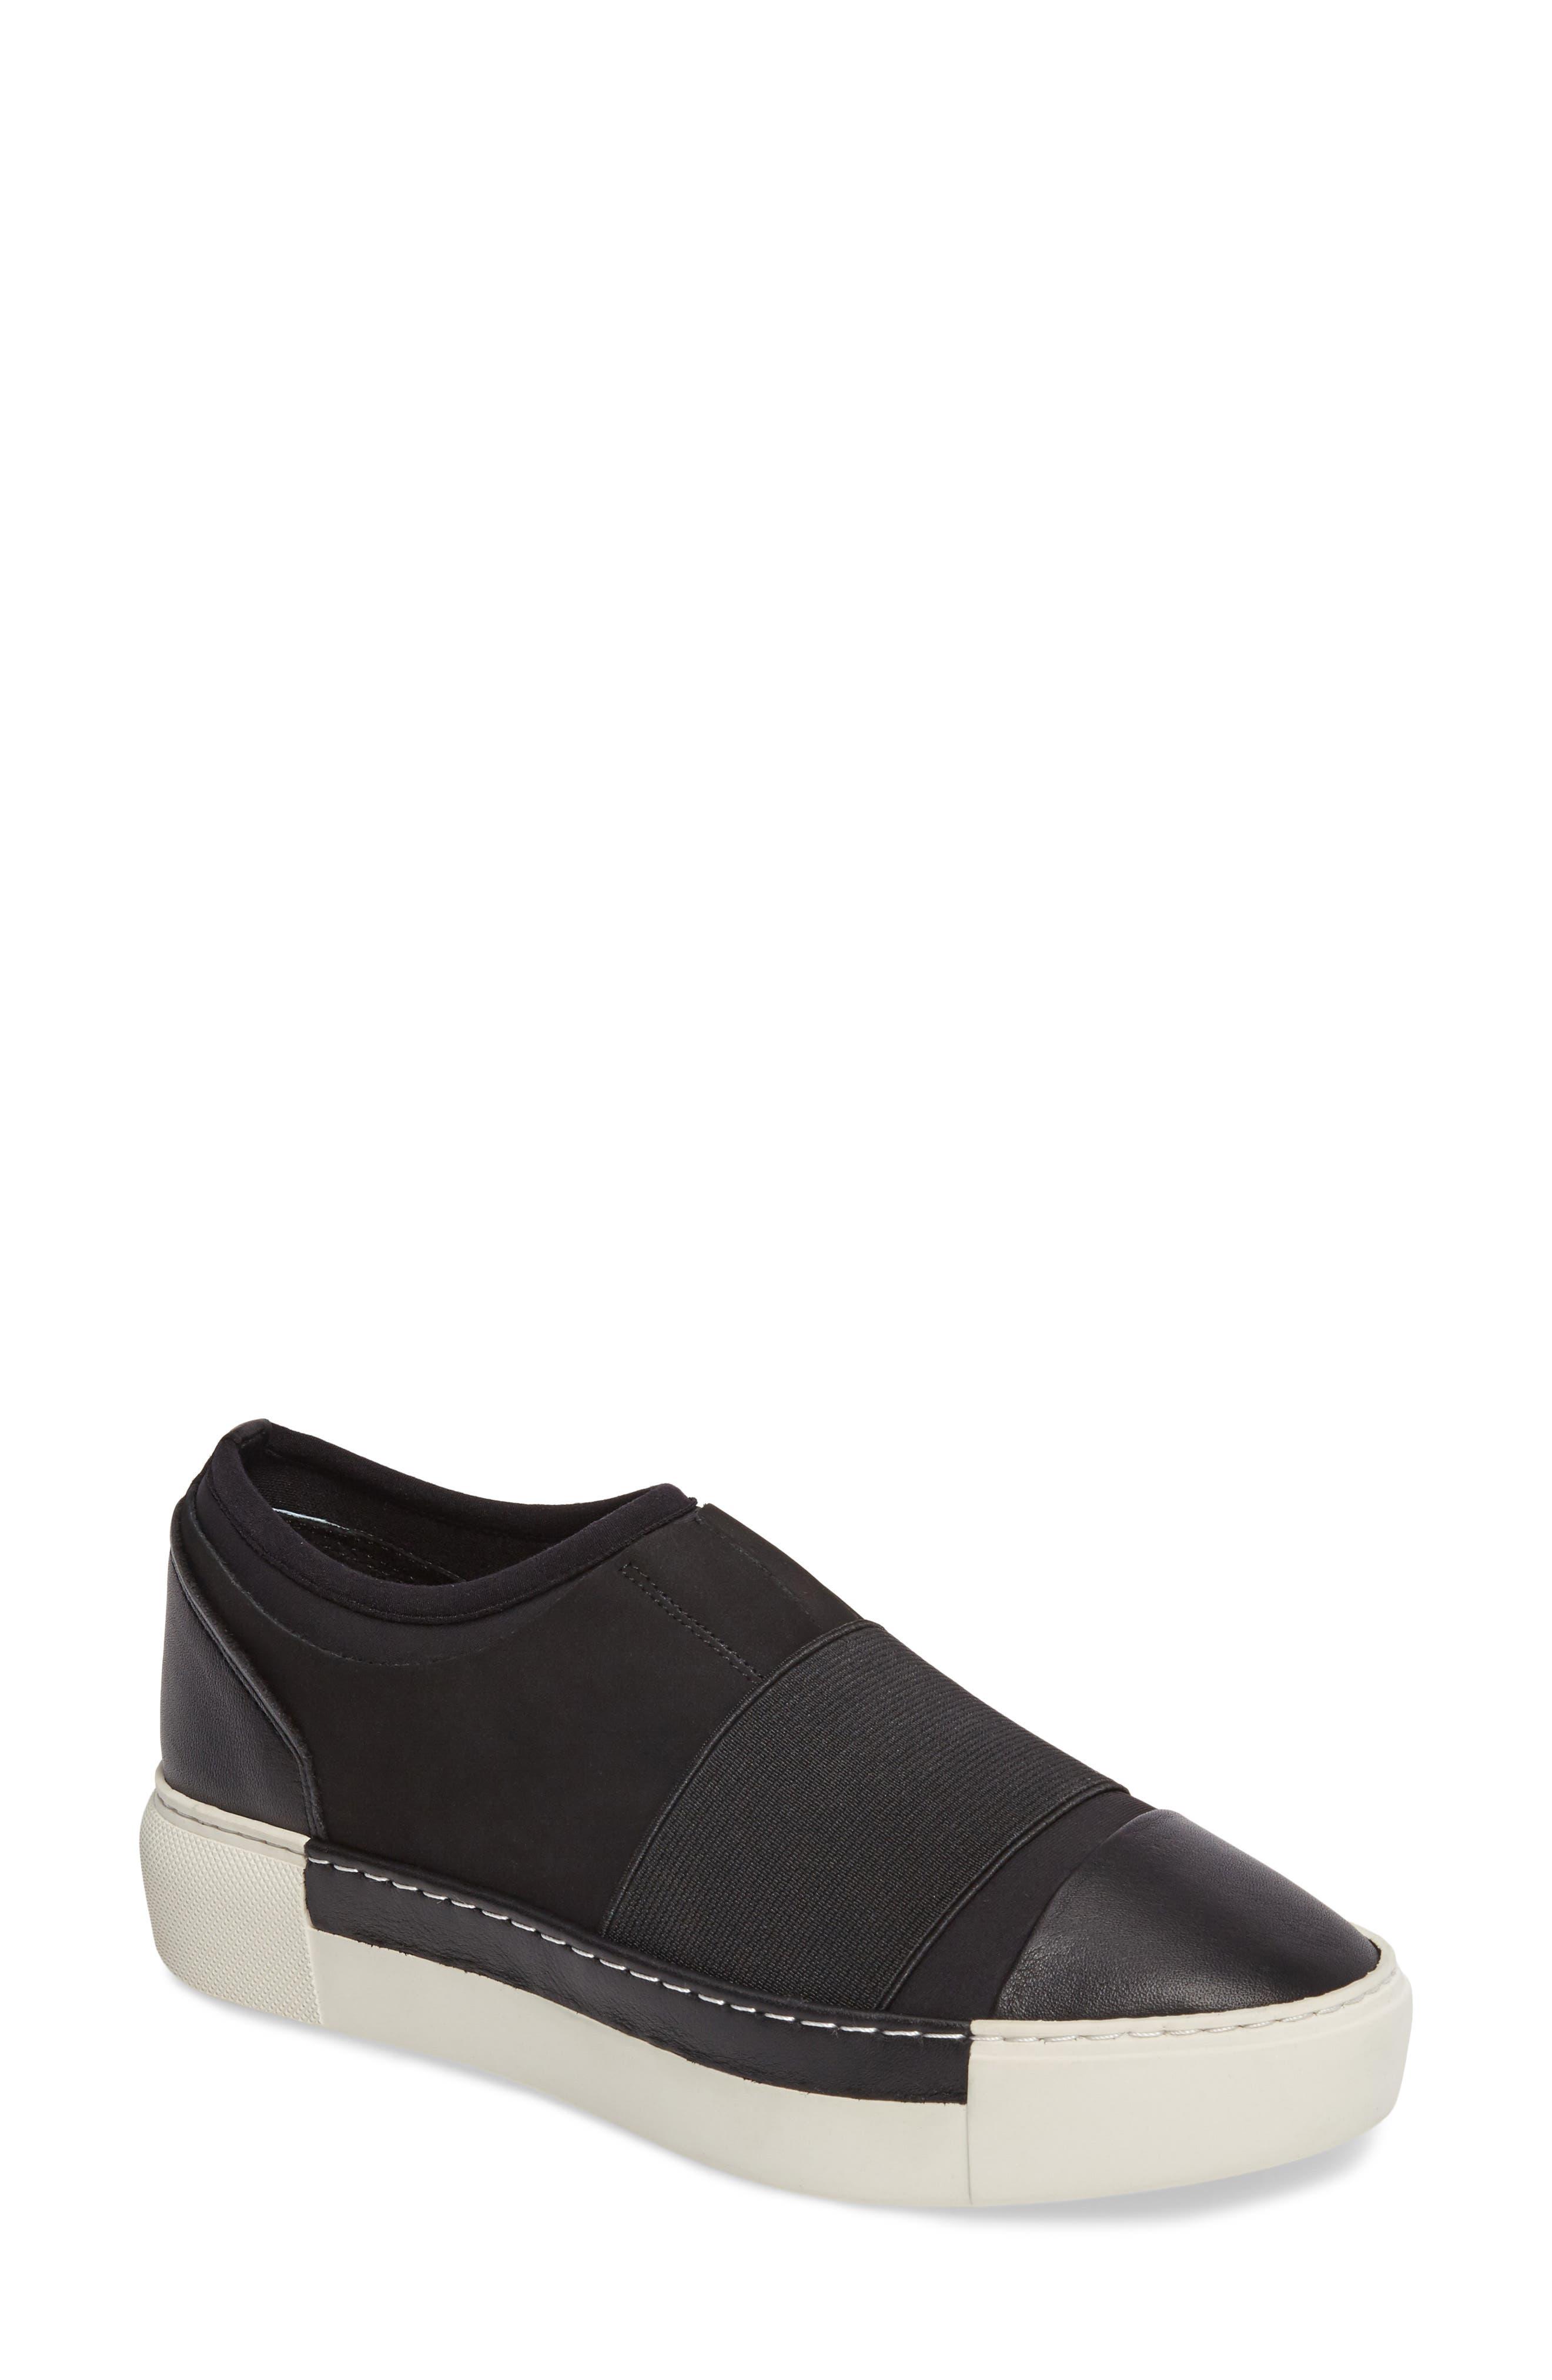 Main Image - JSlides Voila Slip-On Sneaker (Women)